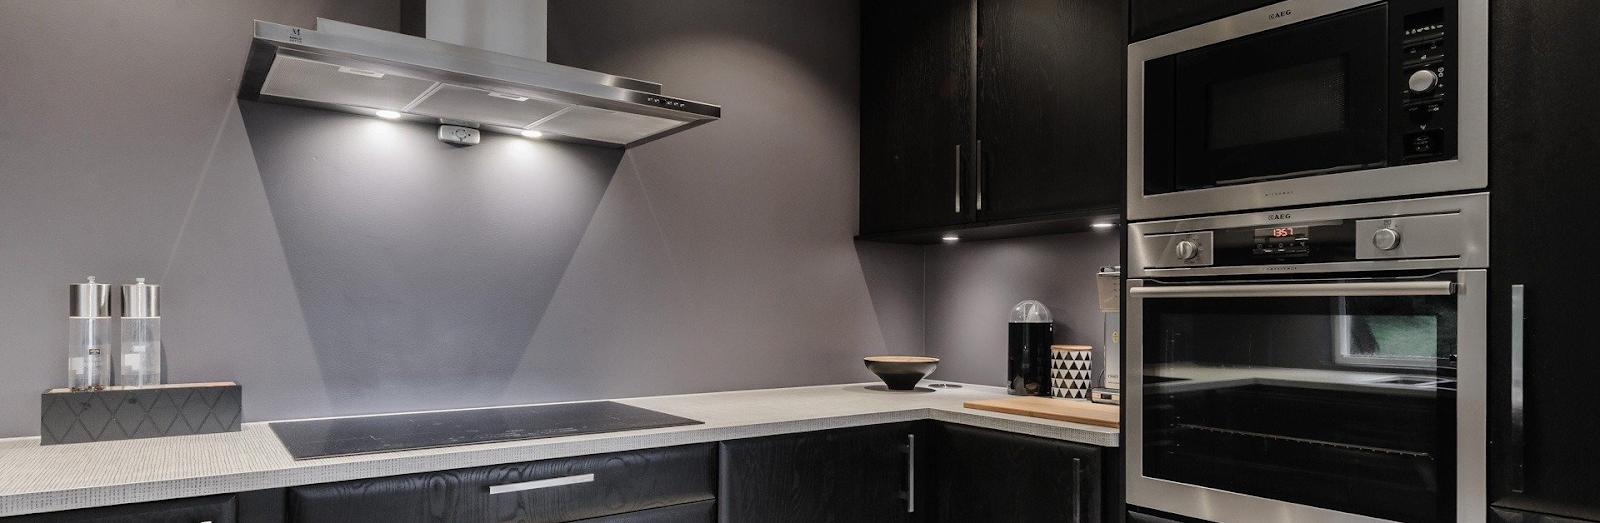 bilde av et vakkert kjøkken, arkitekttegnet kjøkken, design eget kjøkken, arkitekt kjøkken